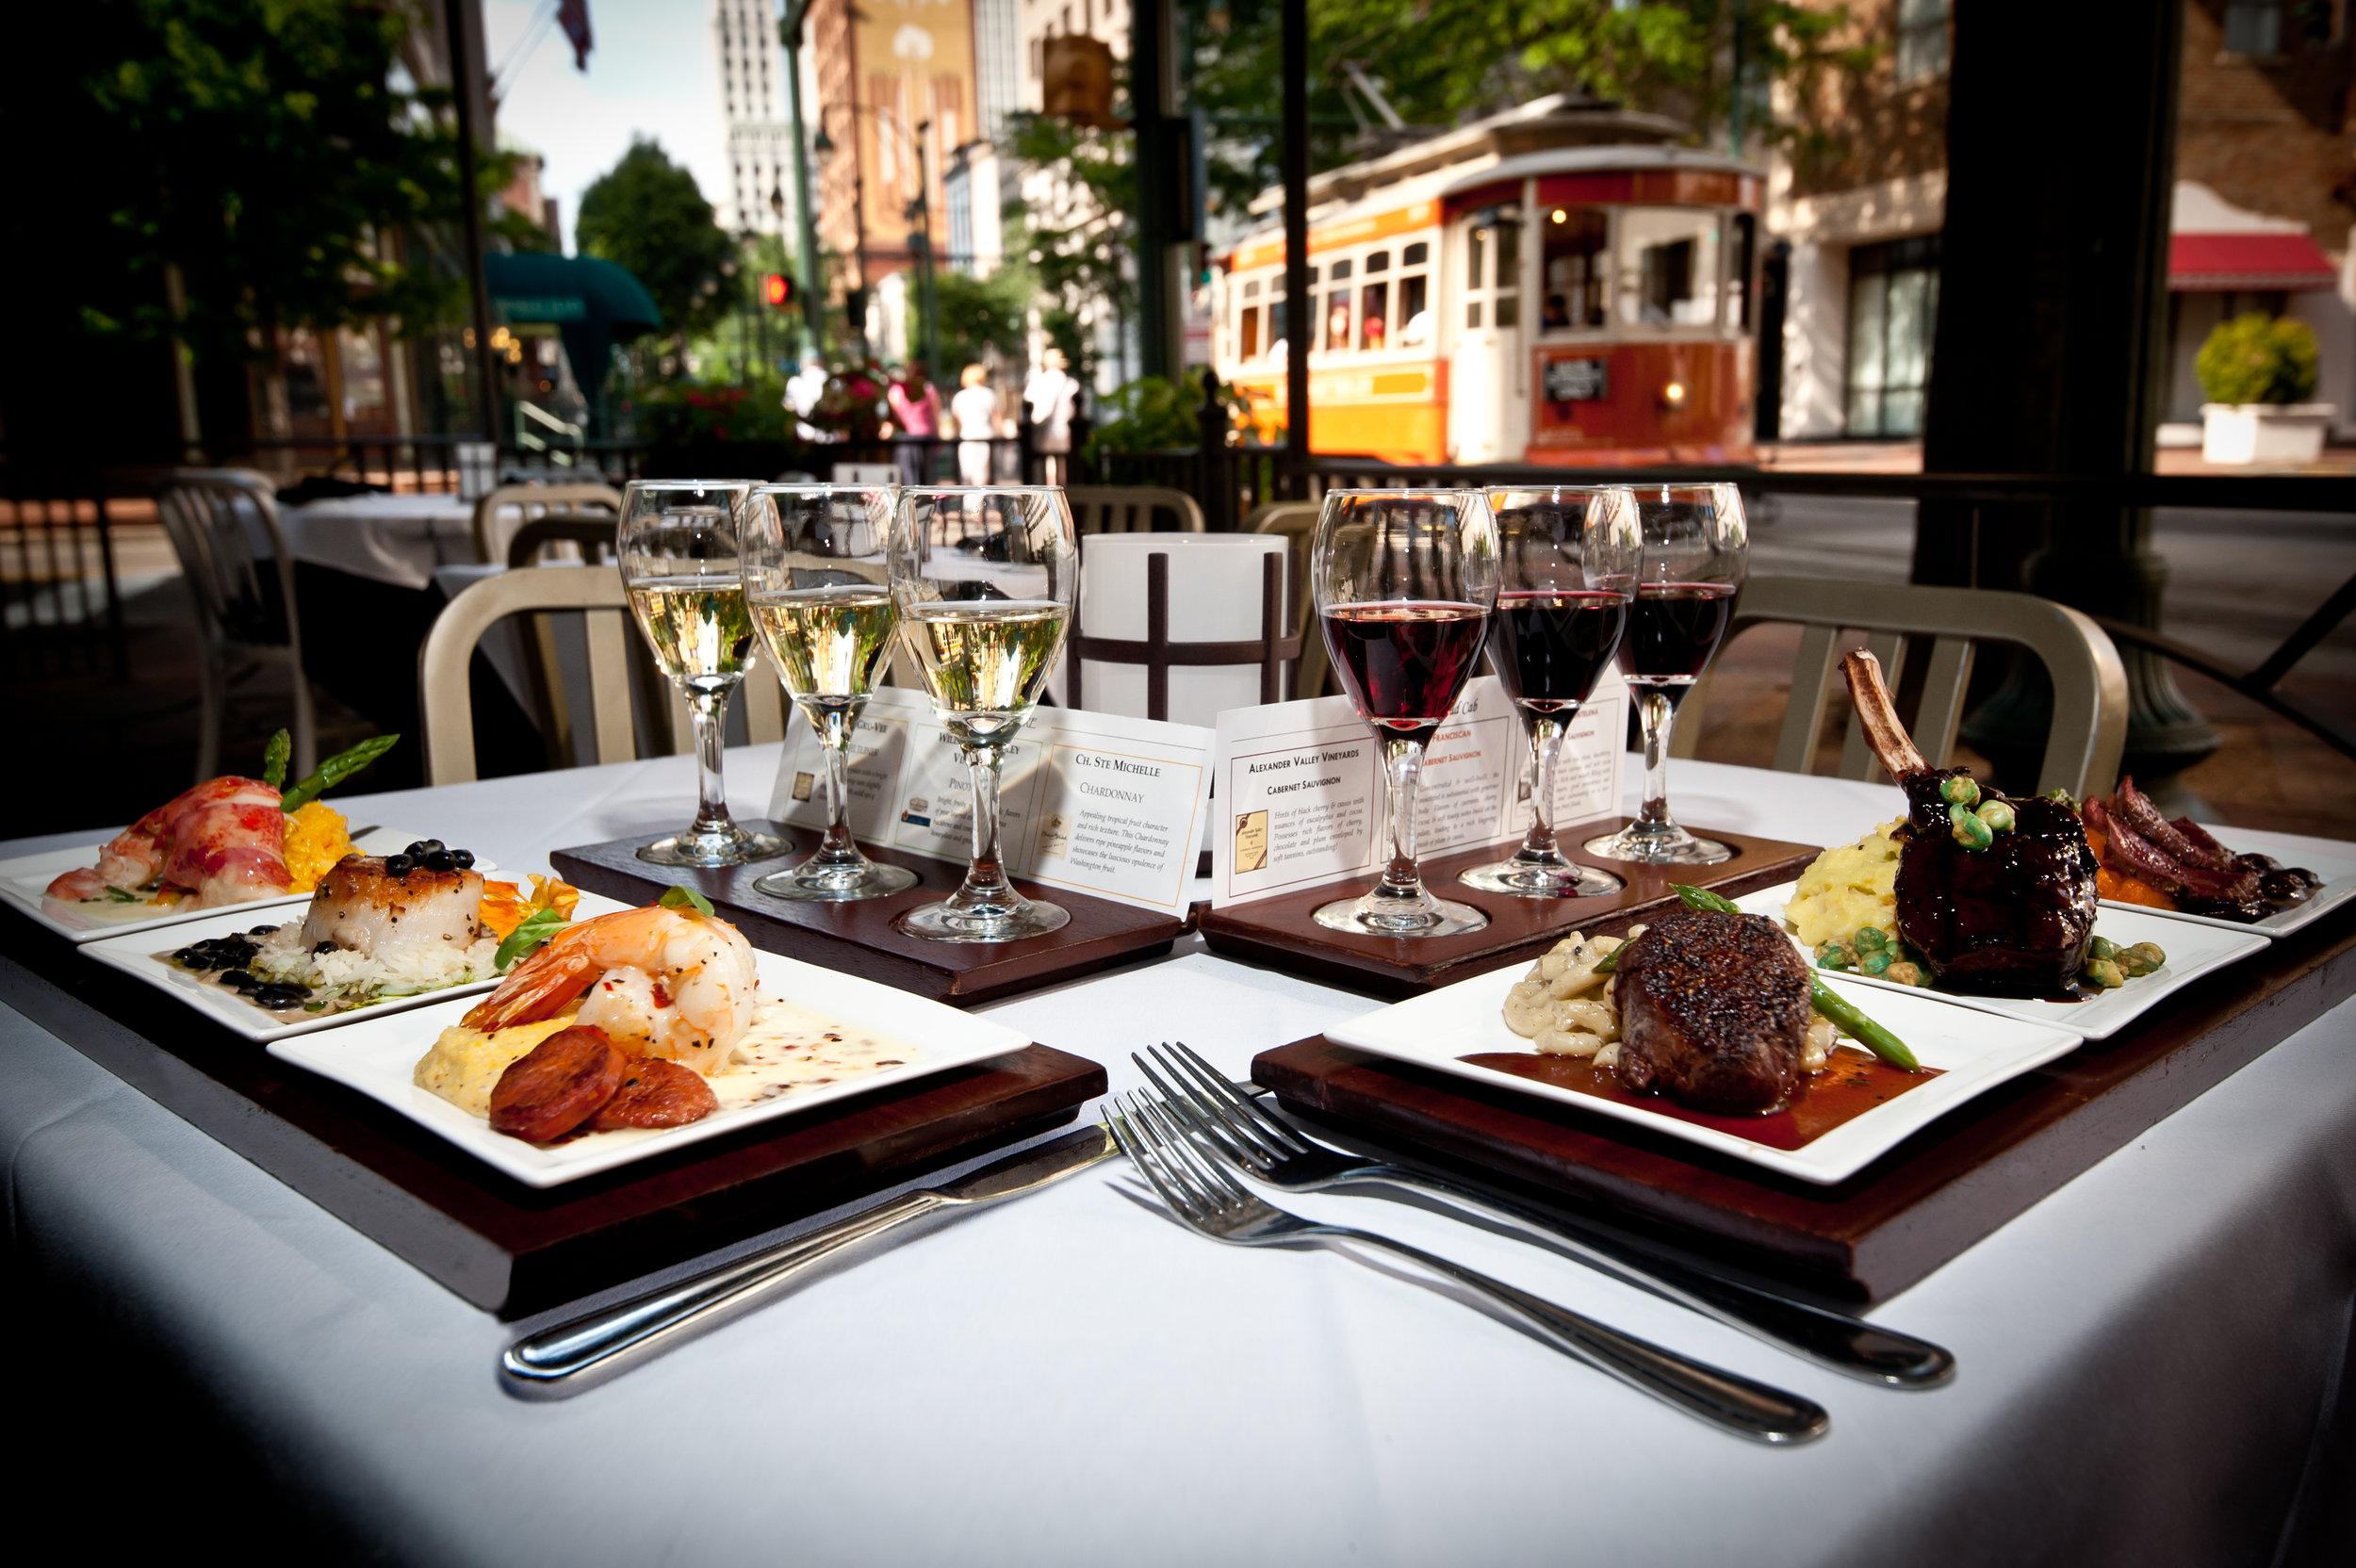 Top 3 Restaurants in Memphis